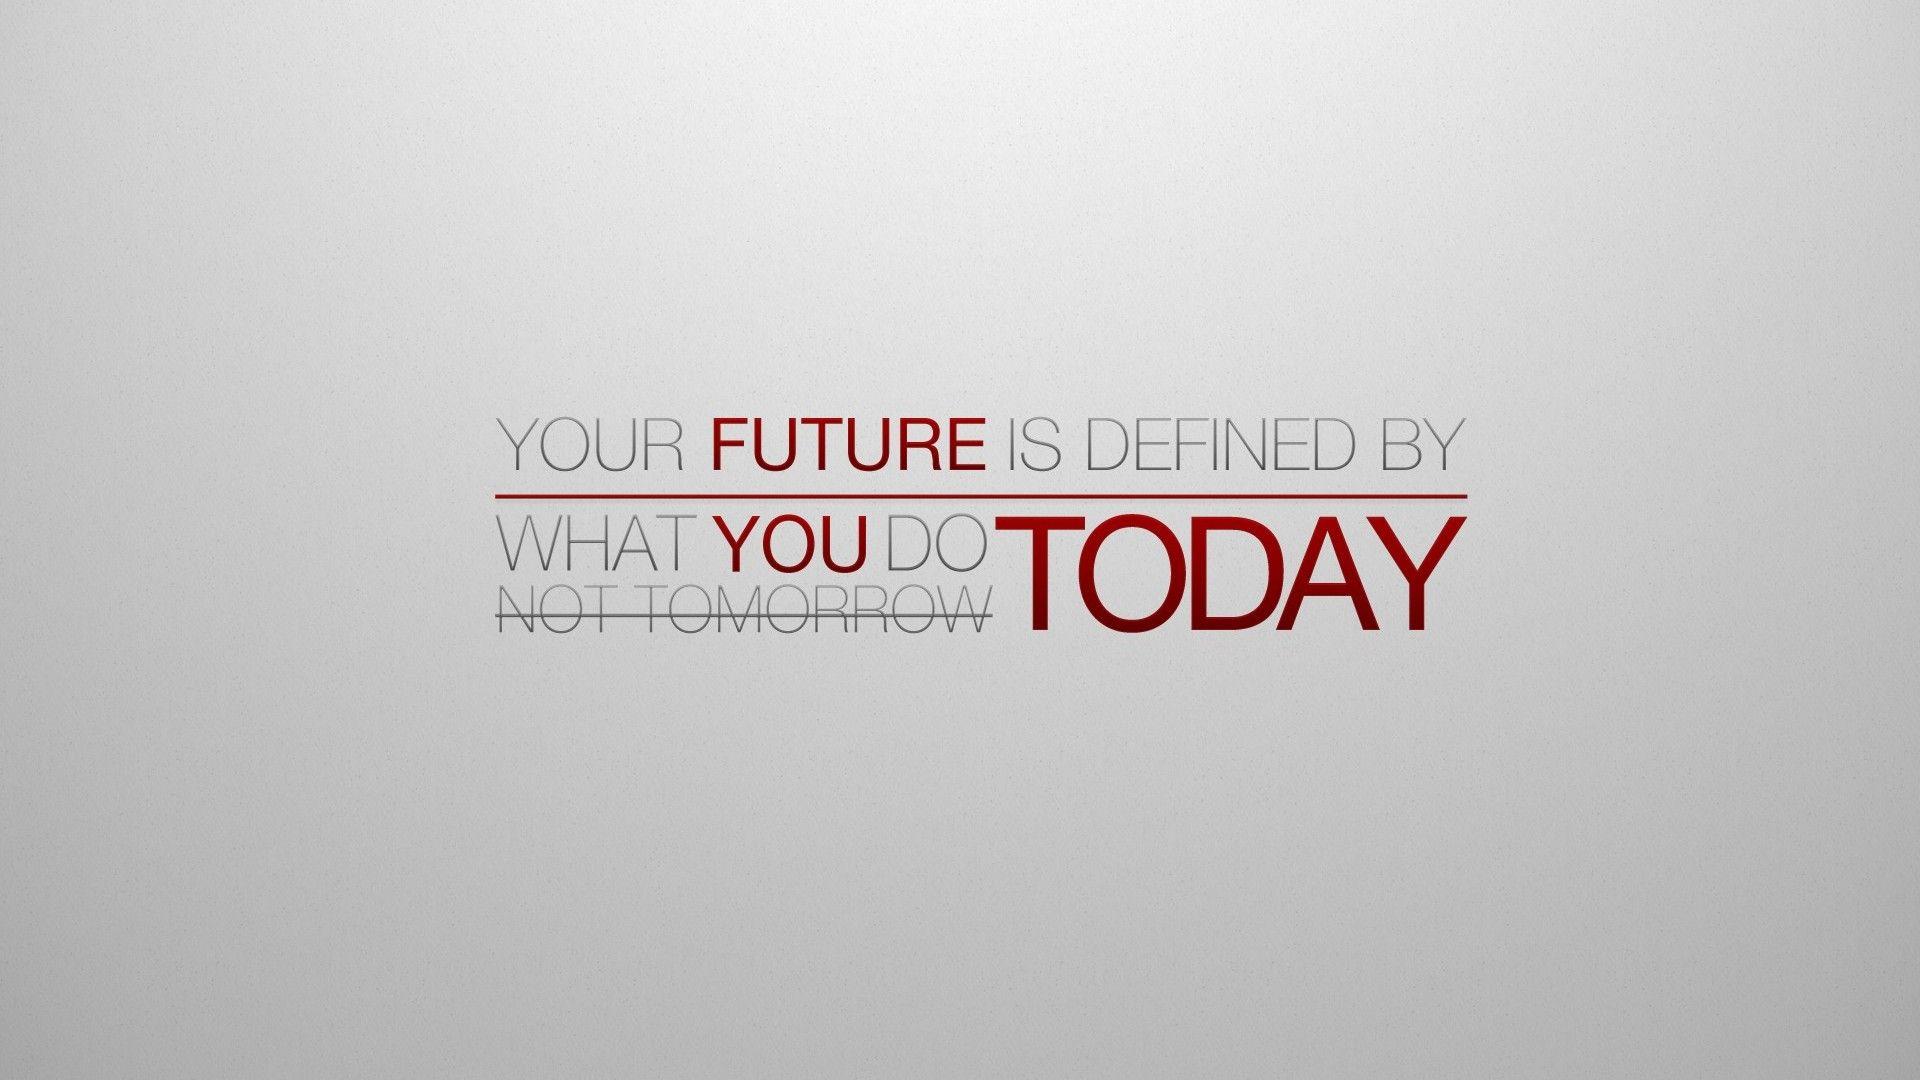 Desktop Motivational Wallpaper Hd 1920x1080 6 Advice For Life Pinterest Motivational